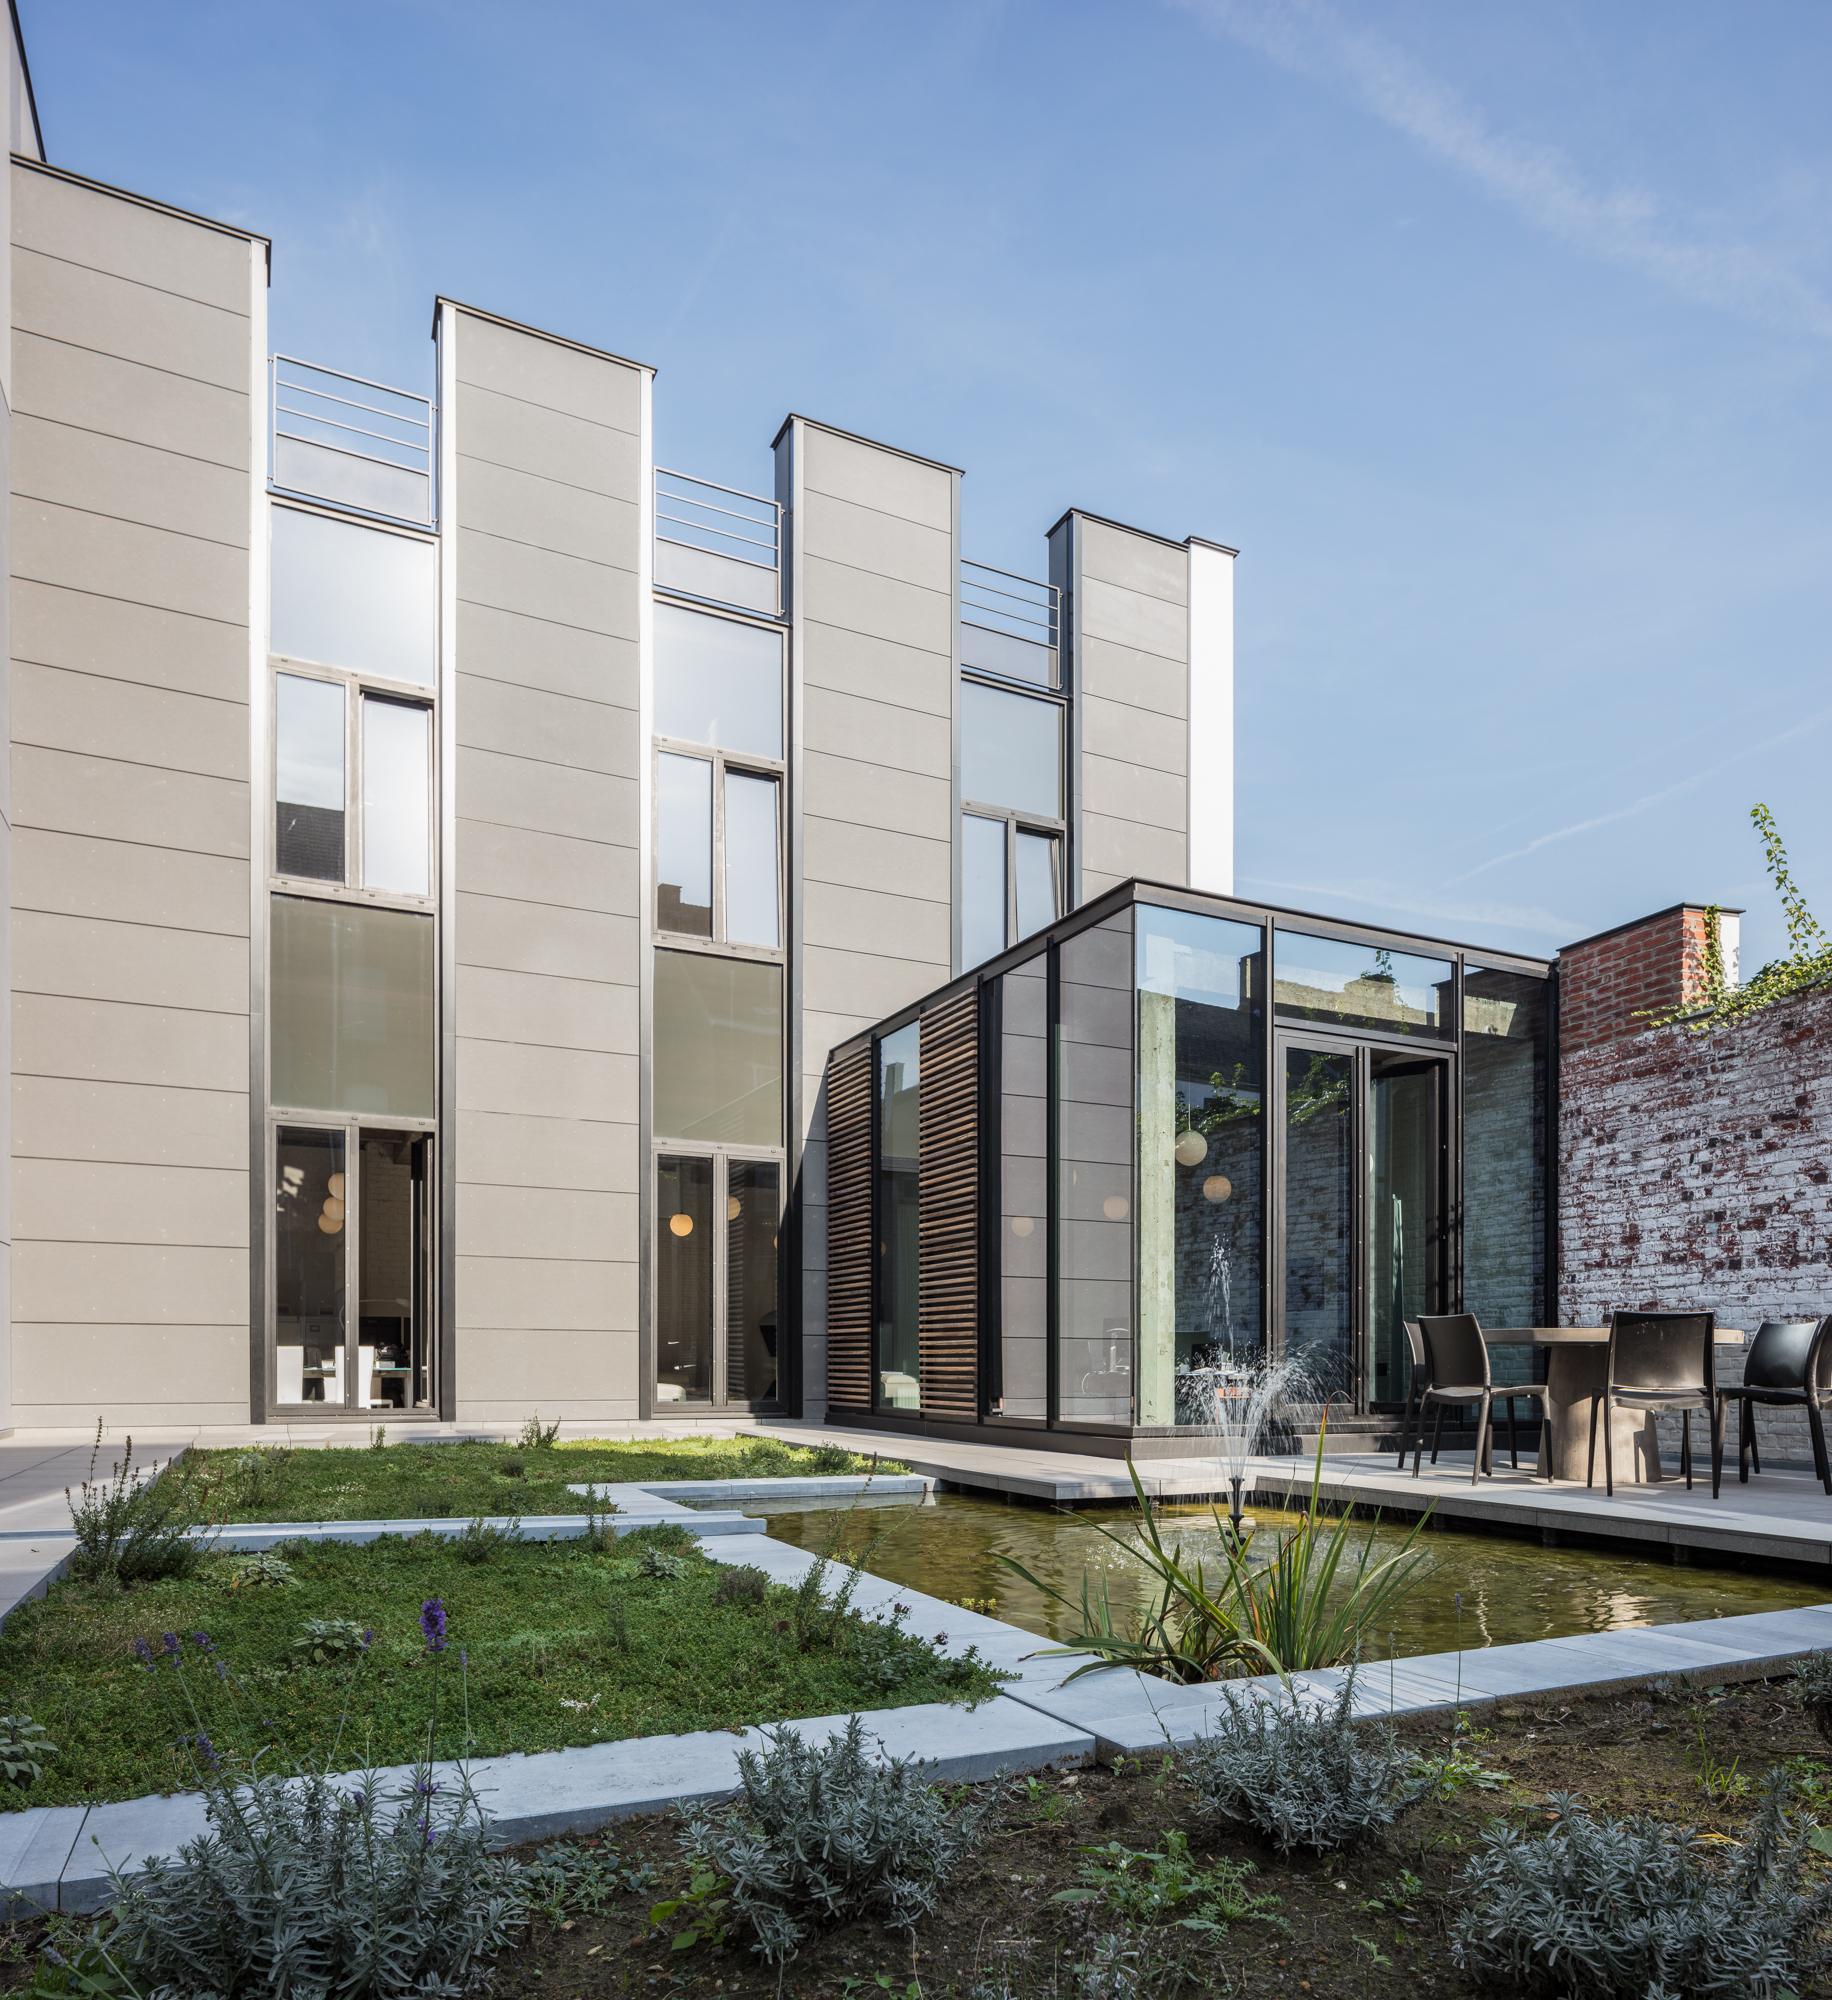 Architectuur - PM Architecten - Ludwig Desmet